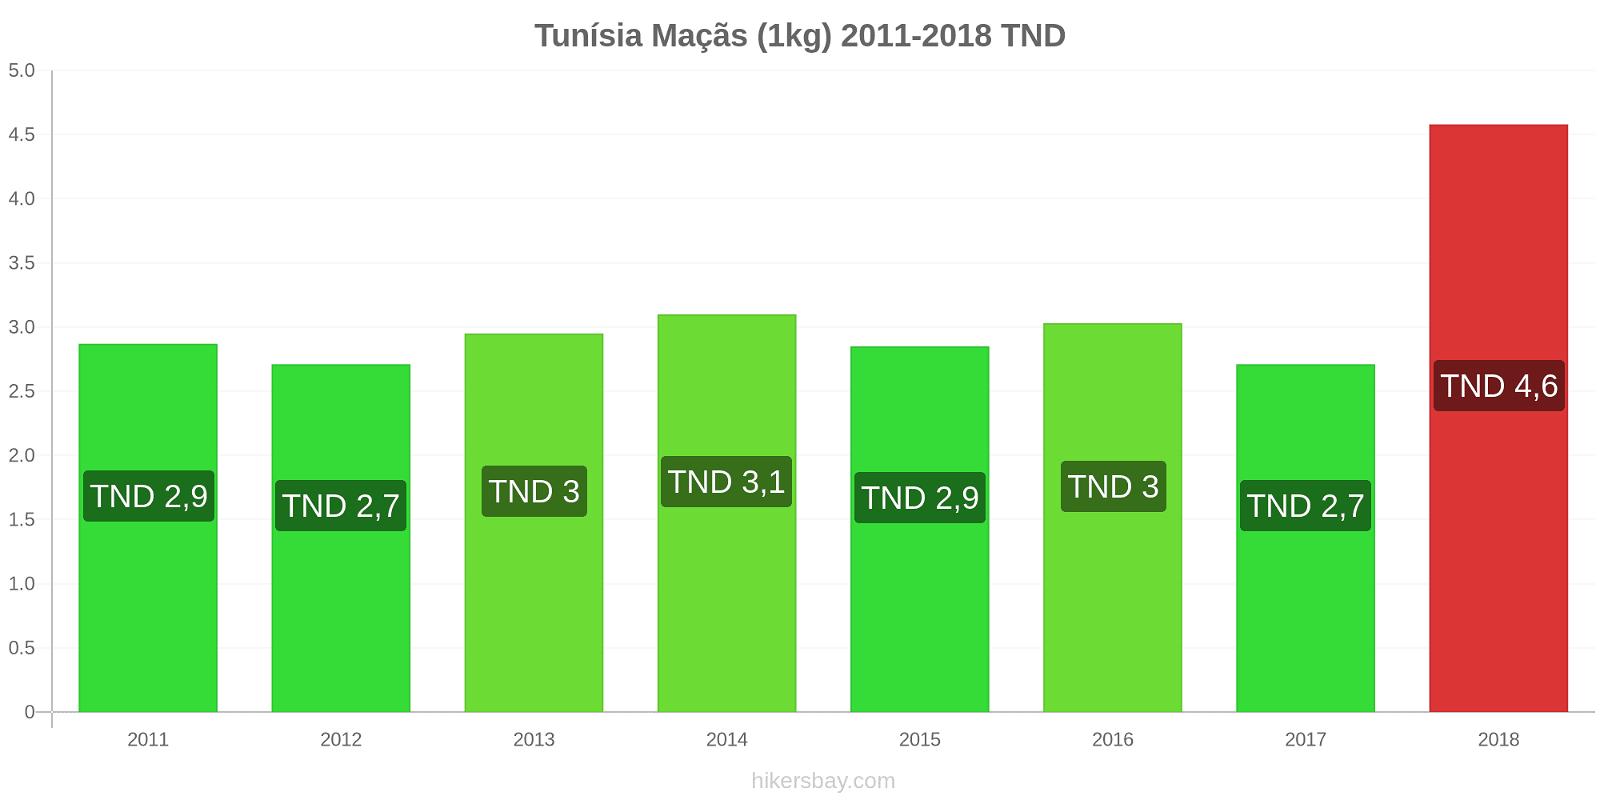 Tunísia variação de preço Maçãs (1kg) hikersbay.com